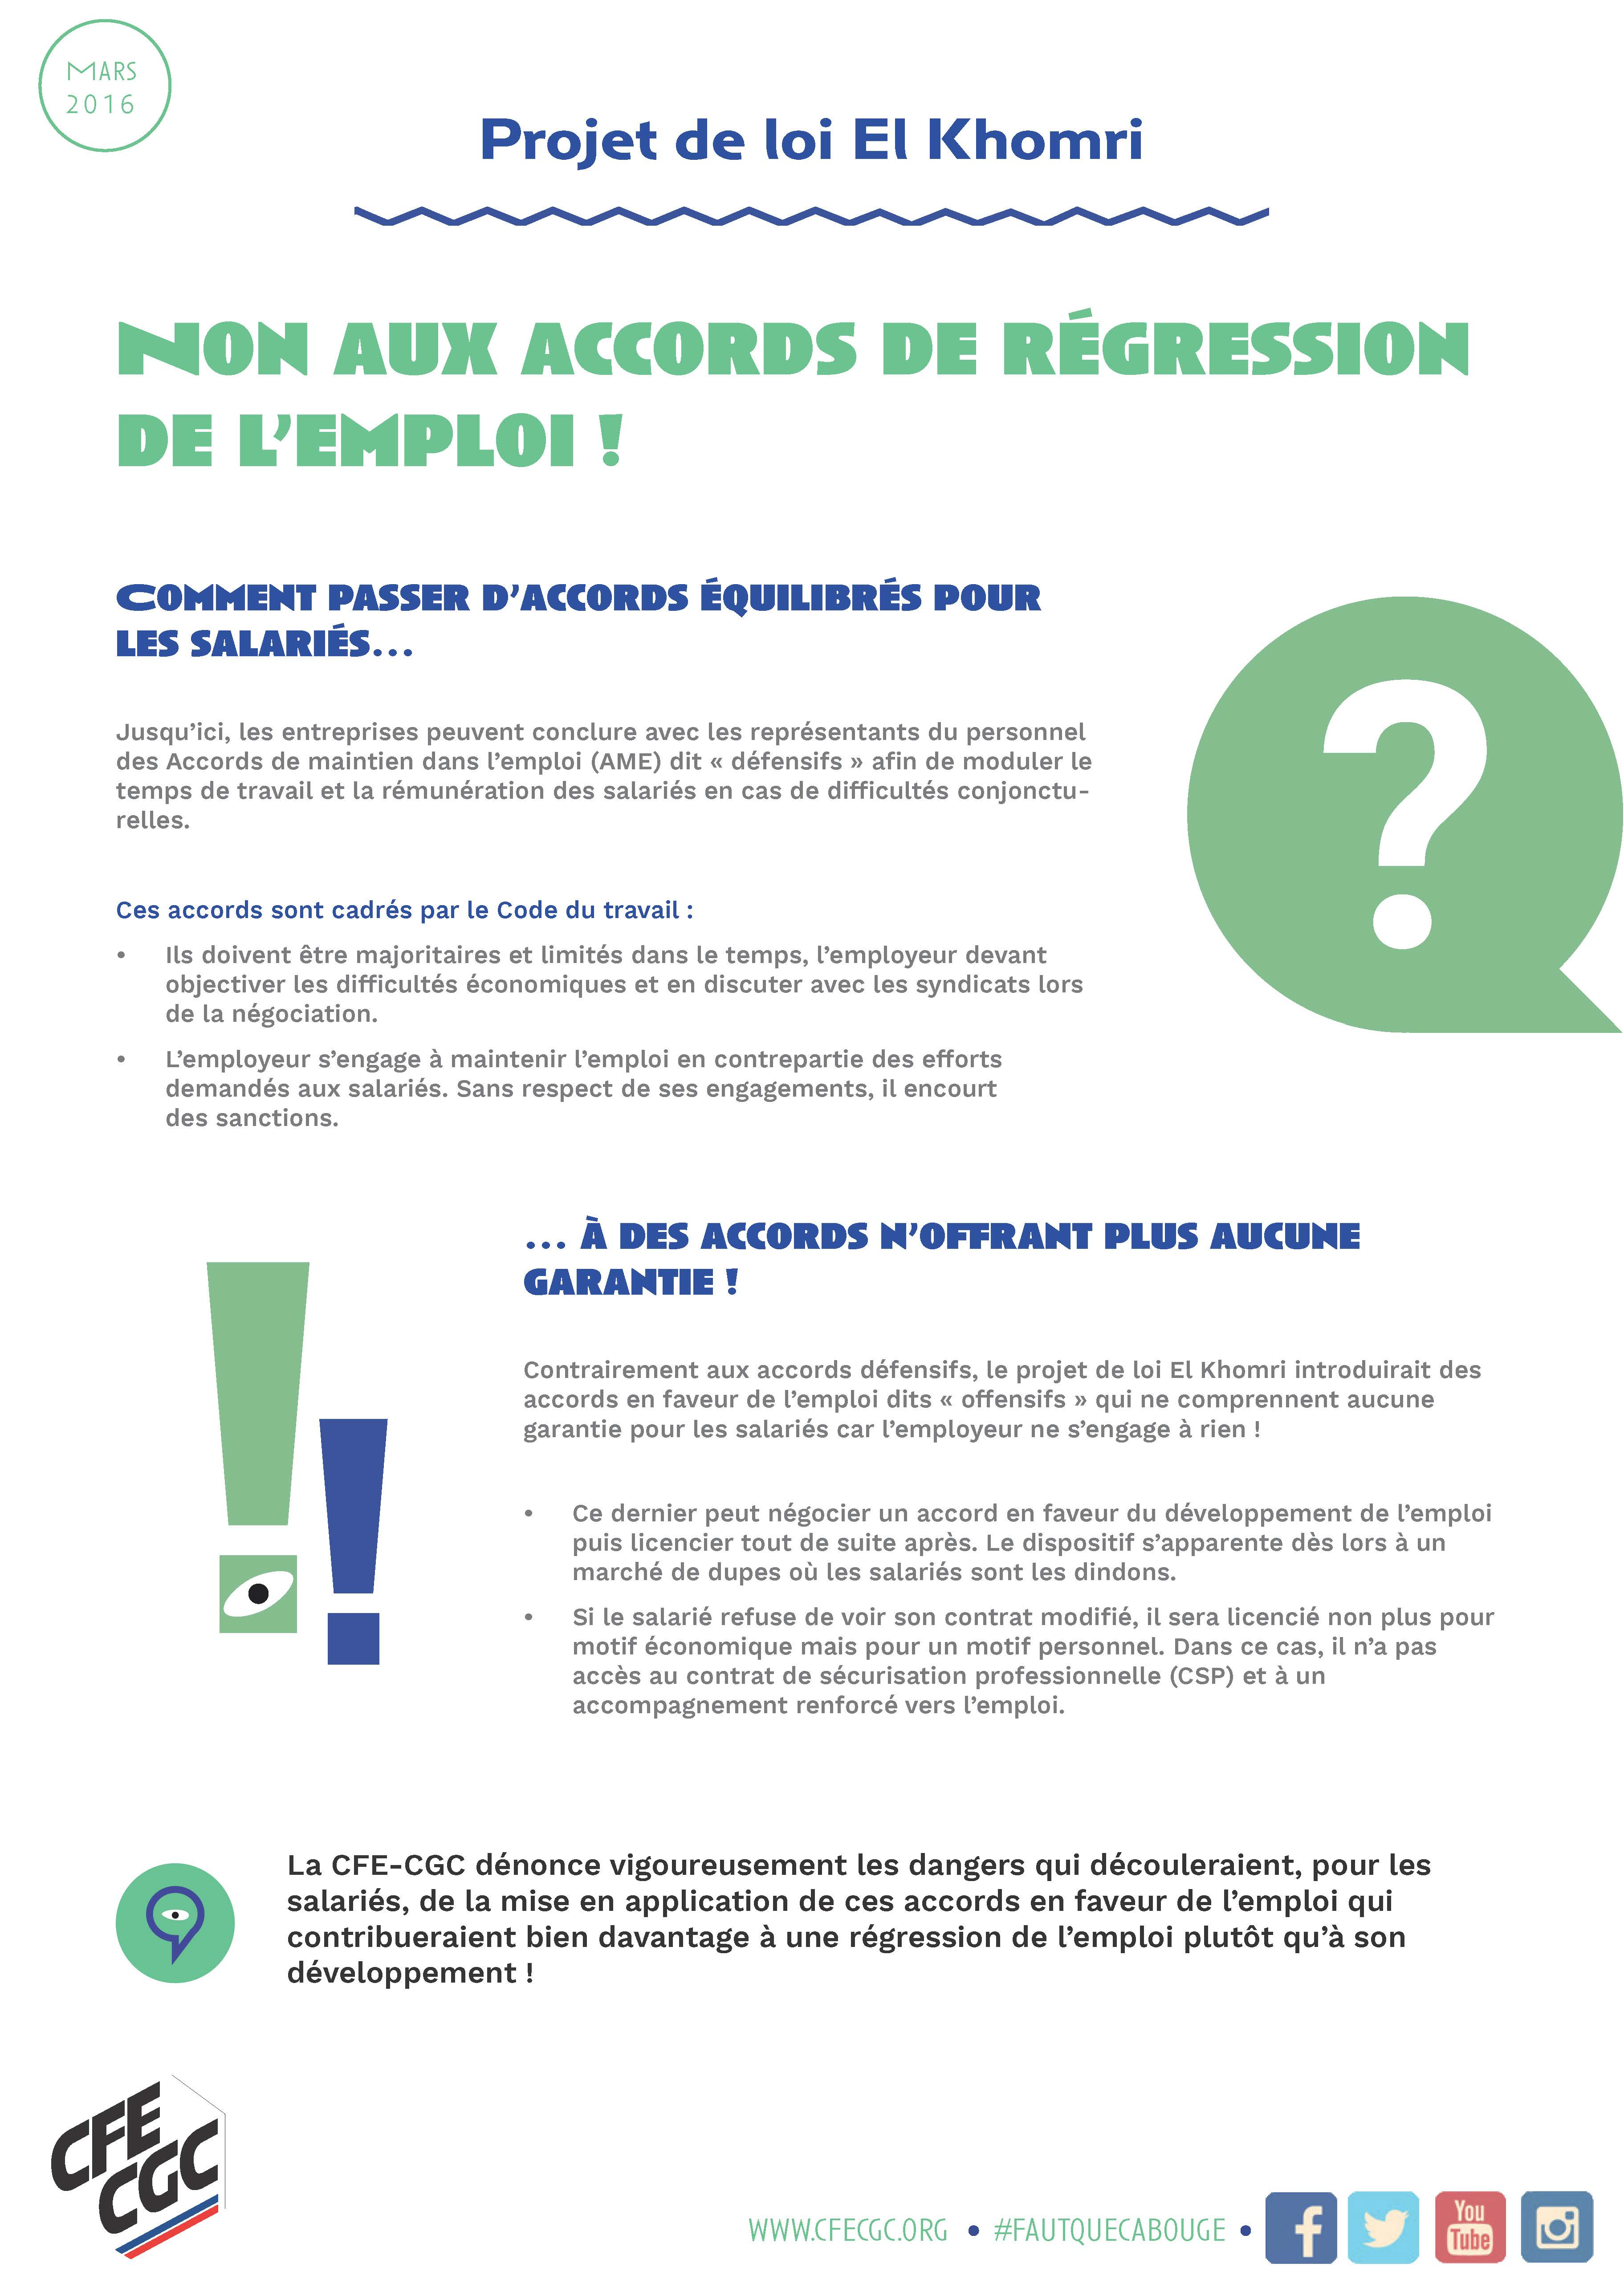 5. TRACT - NON AUX ACCORDS DE REGRESSION DE L'EMPLOI